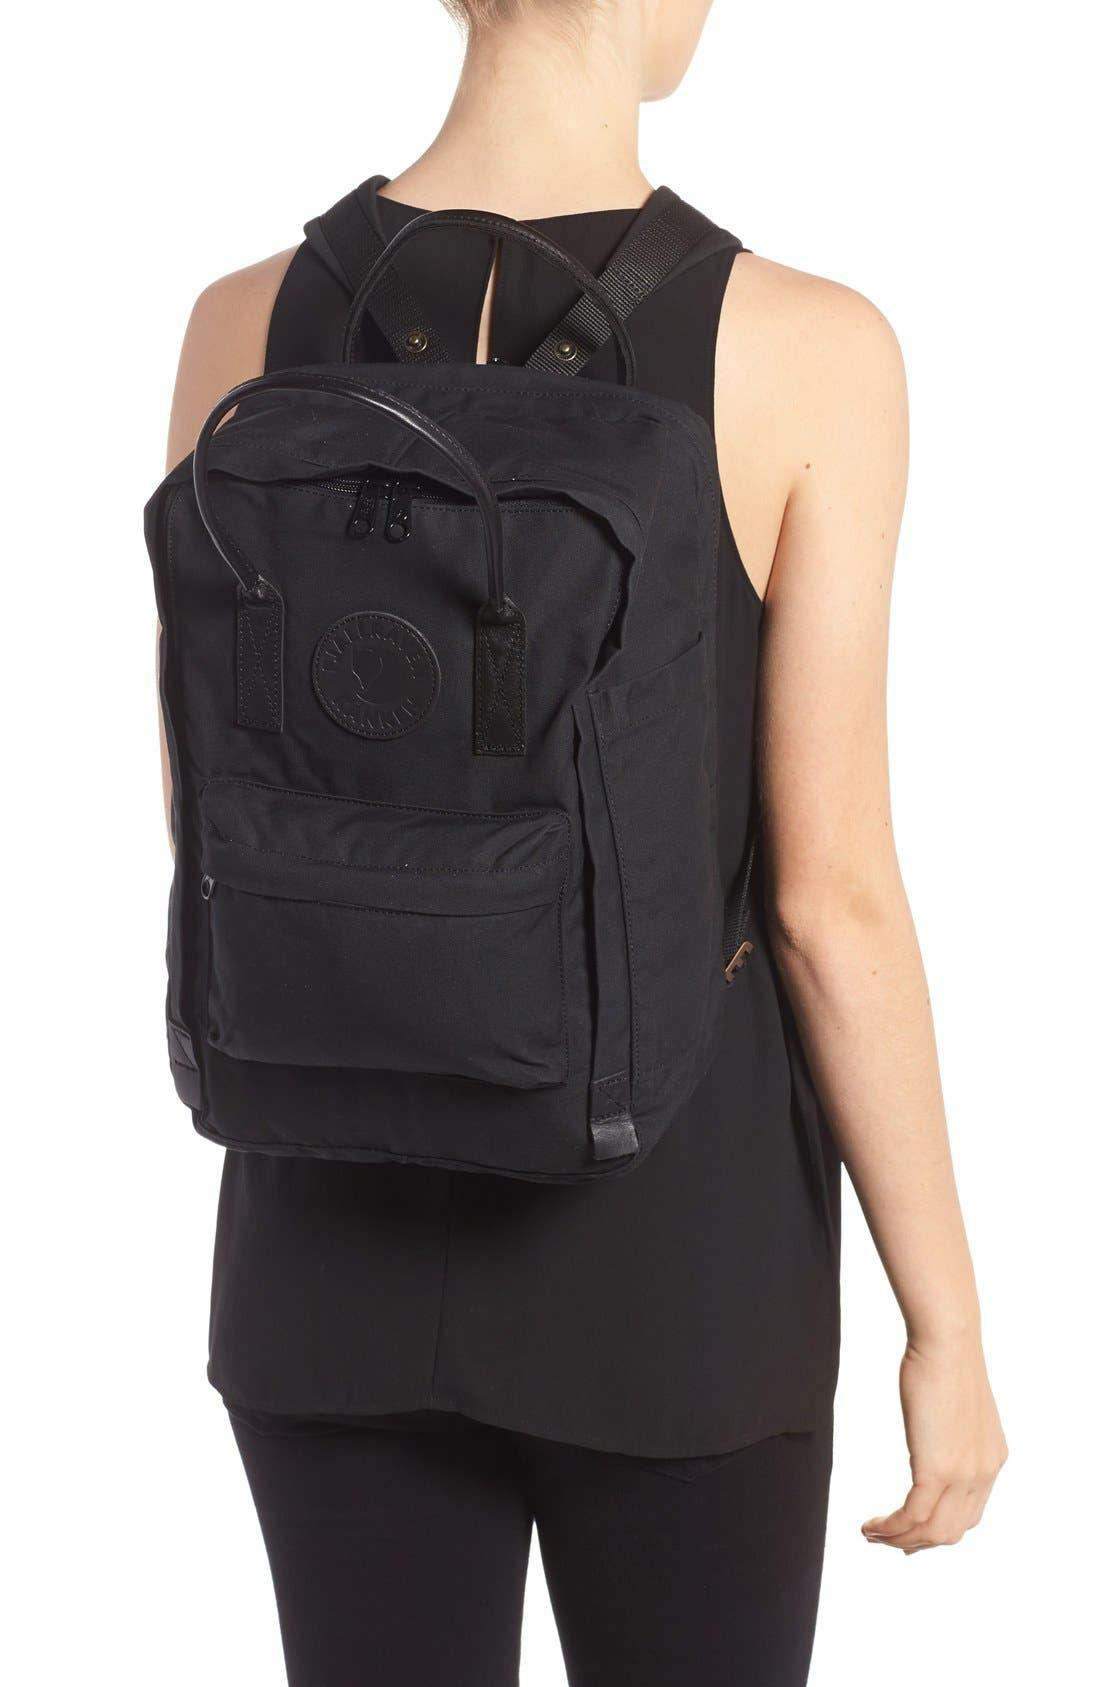 Kånken No. 2 Laptop Backpack,                             Alternate thumbnail 6, color,                             BLACK